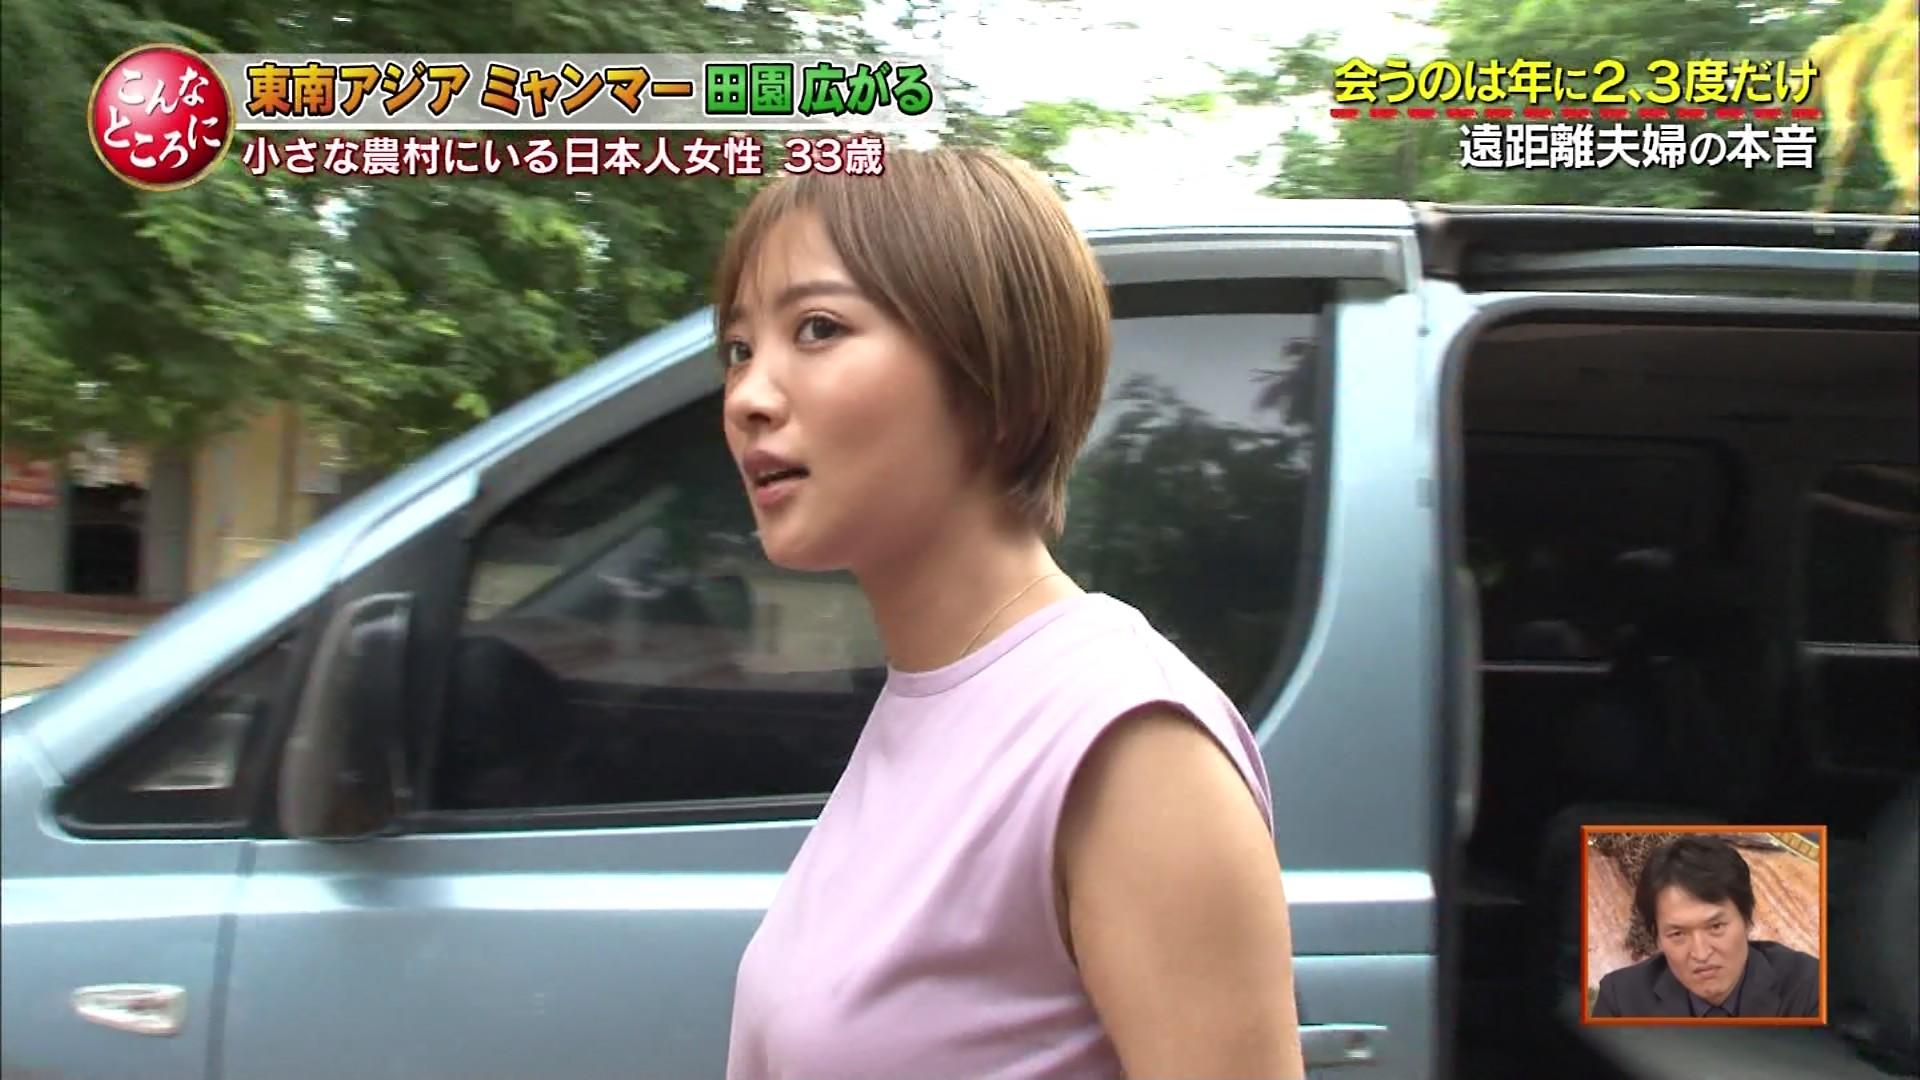 夏菜_着衣巨乳_ノースリーブ_テレビキャプ画像_44